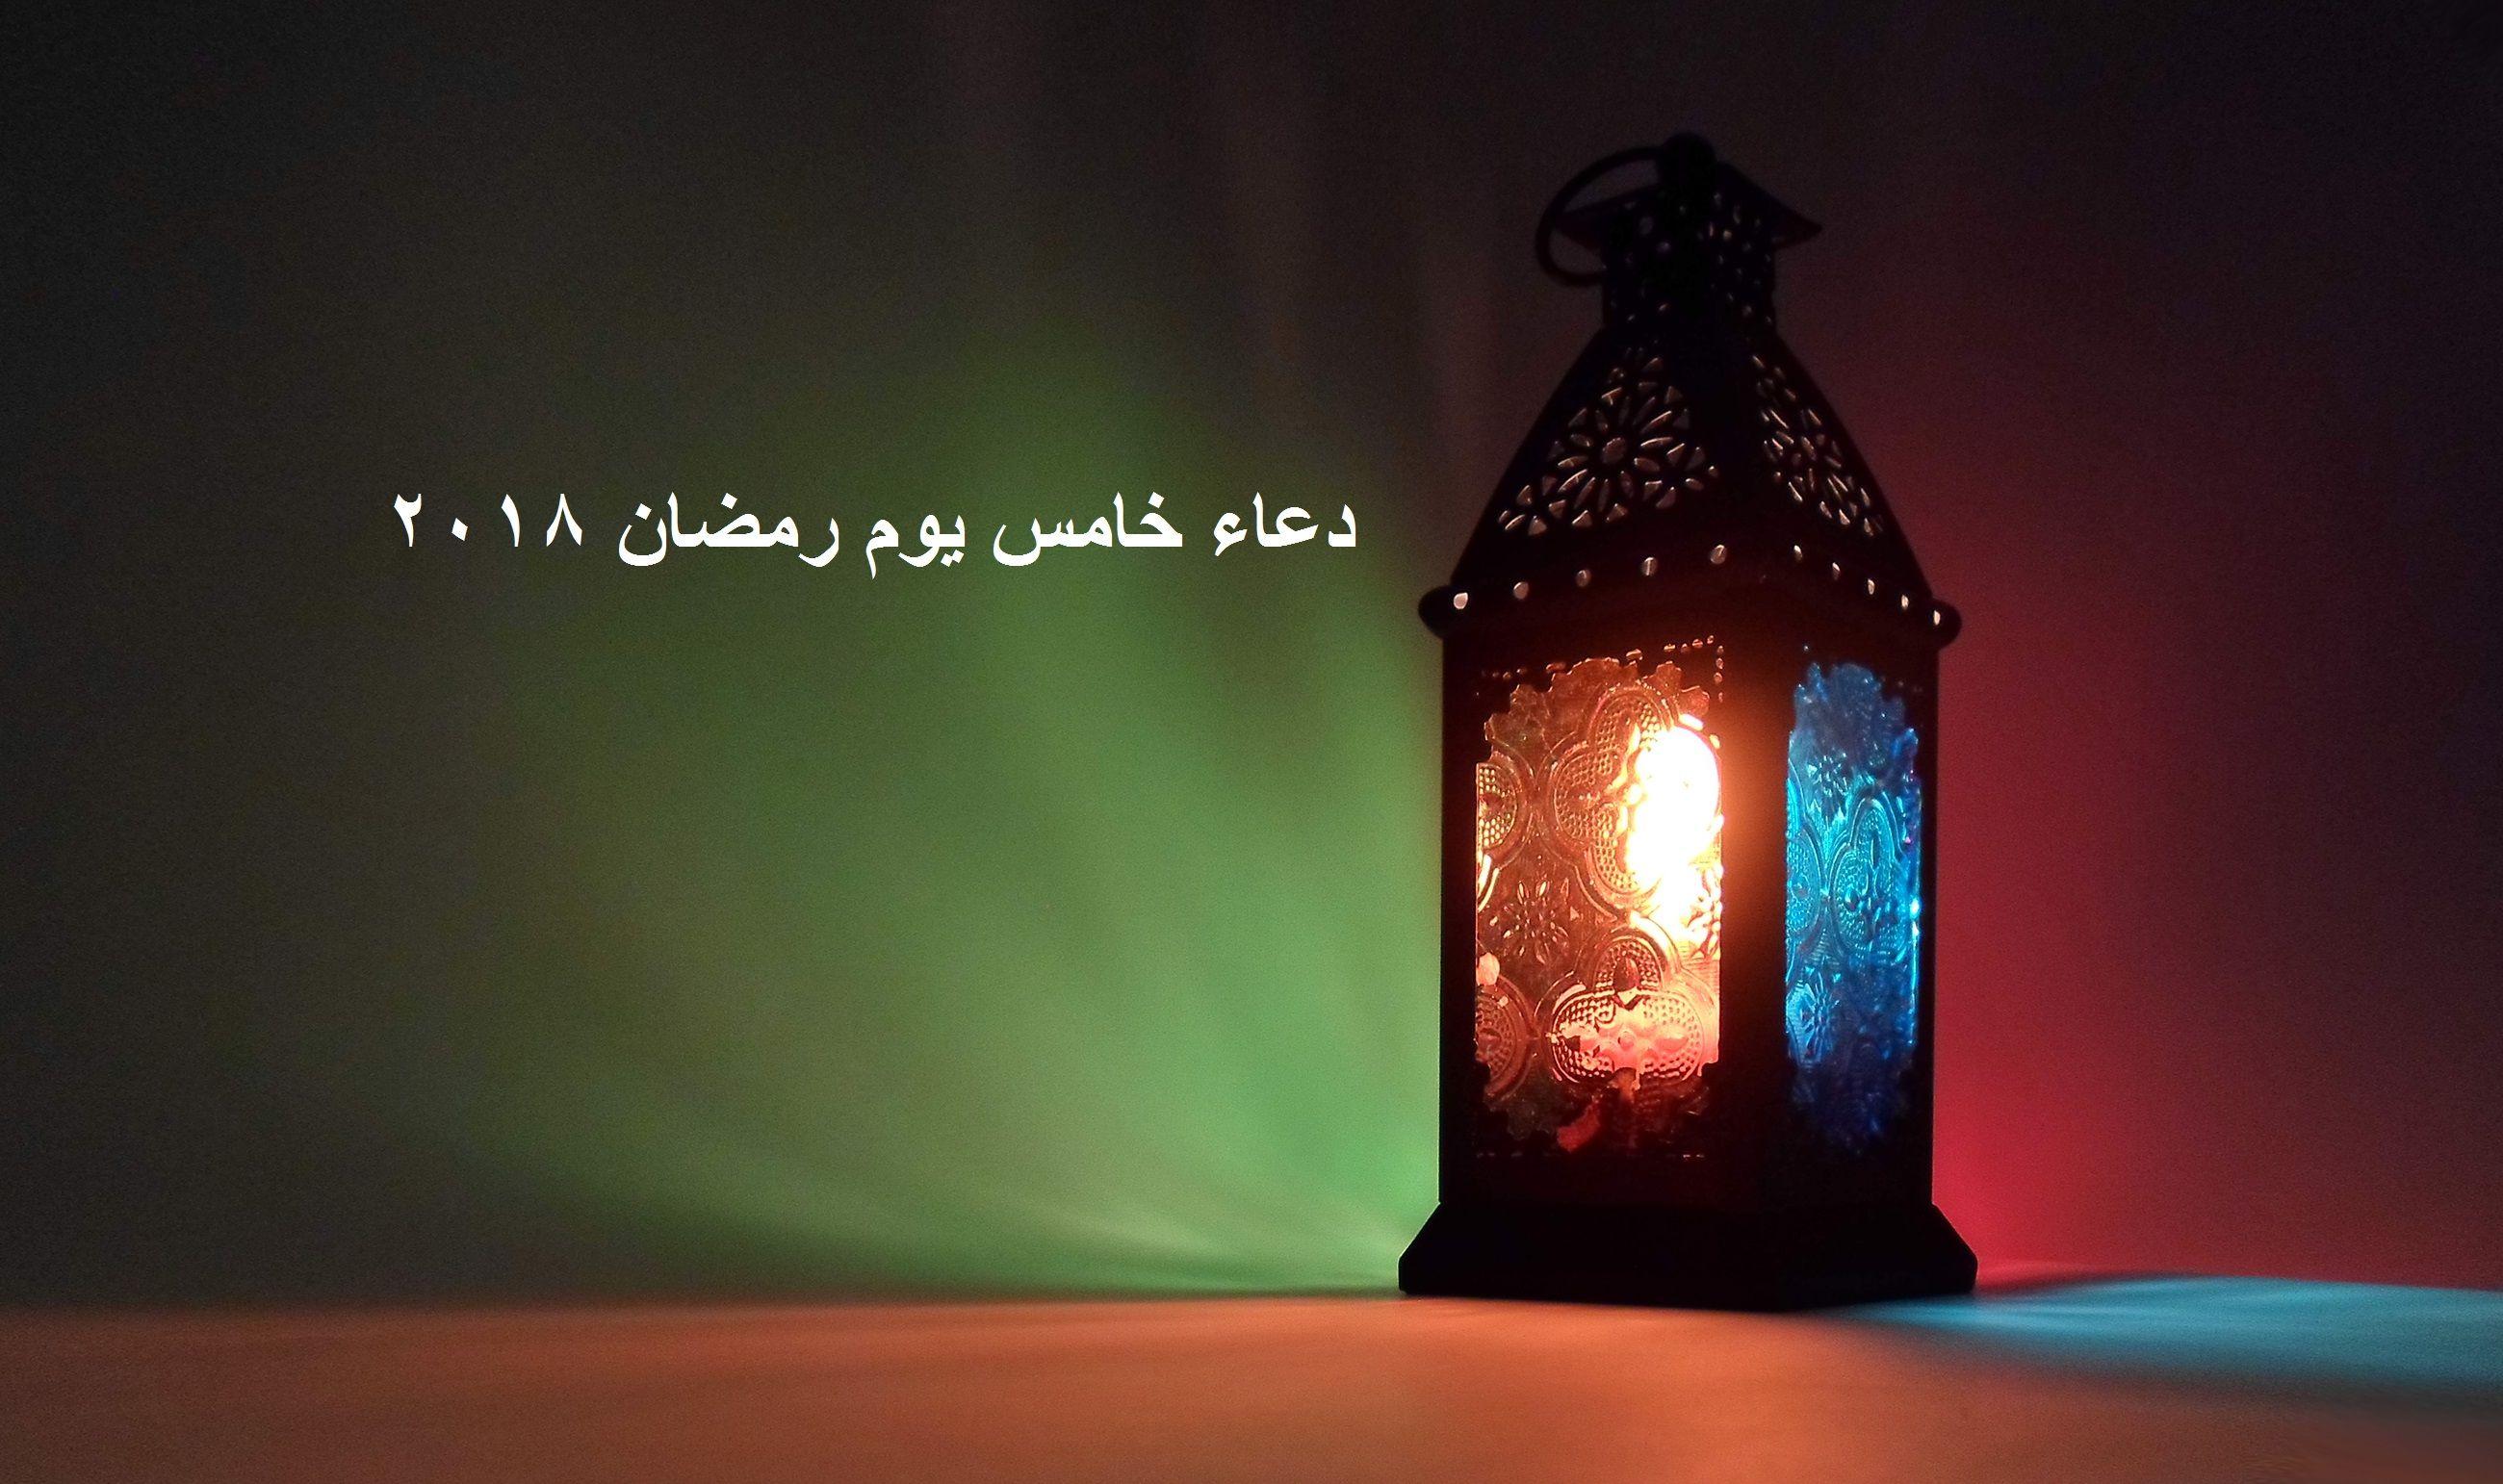 دعاء خامس يوم من رمضان